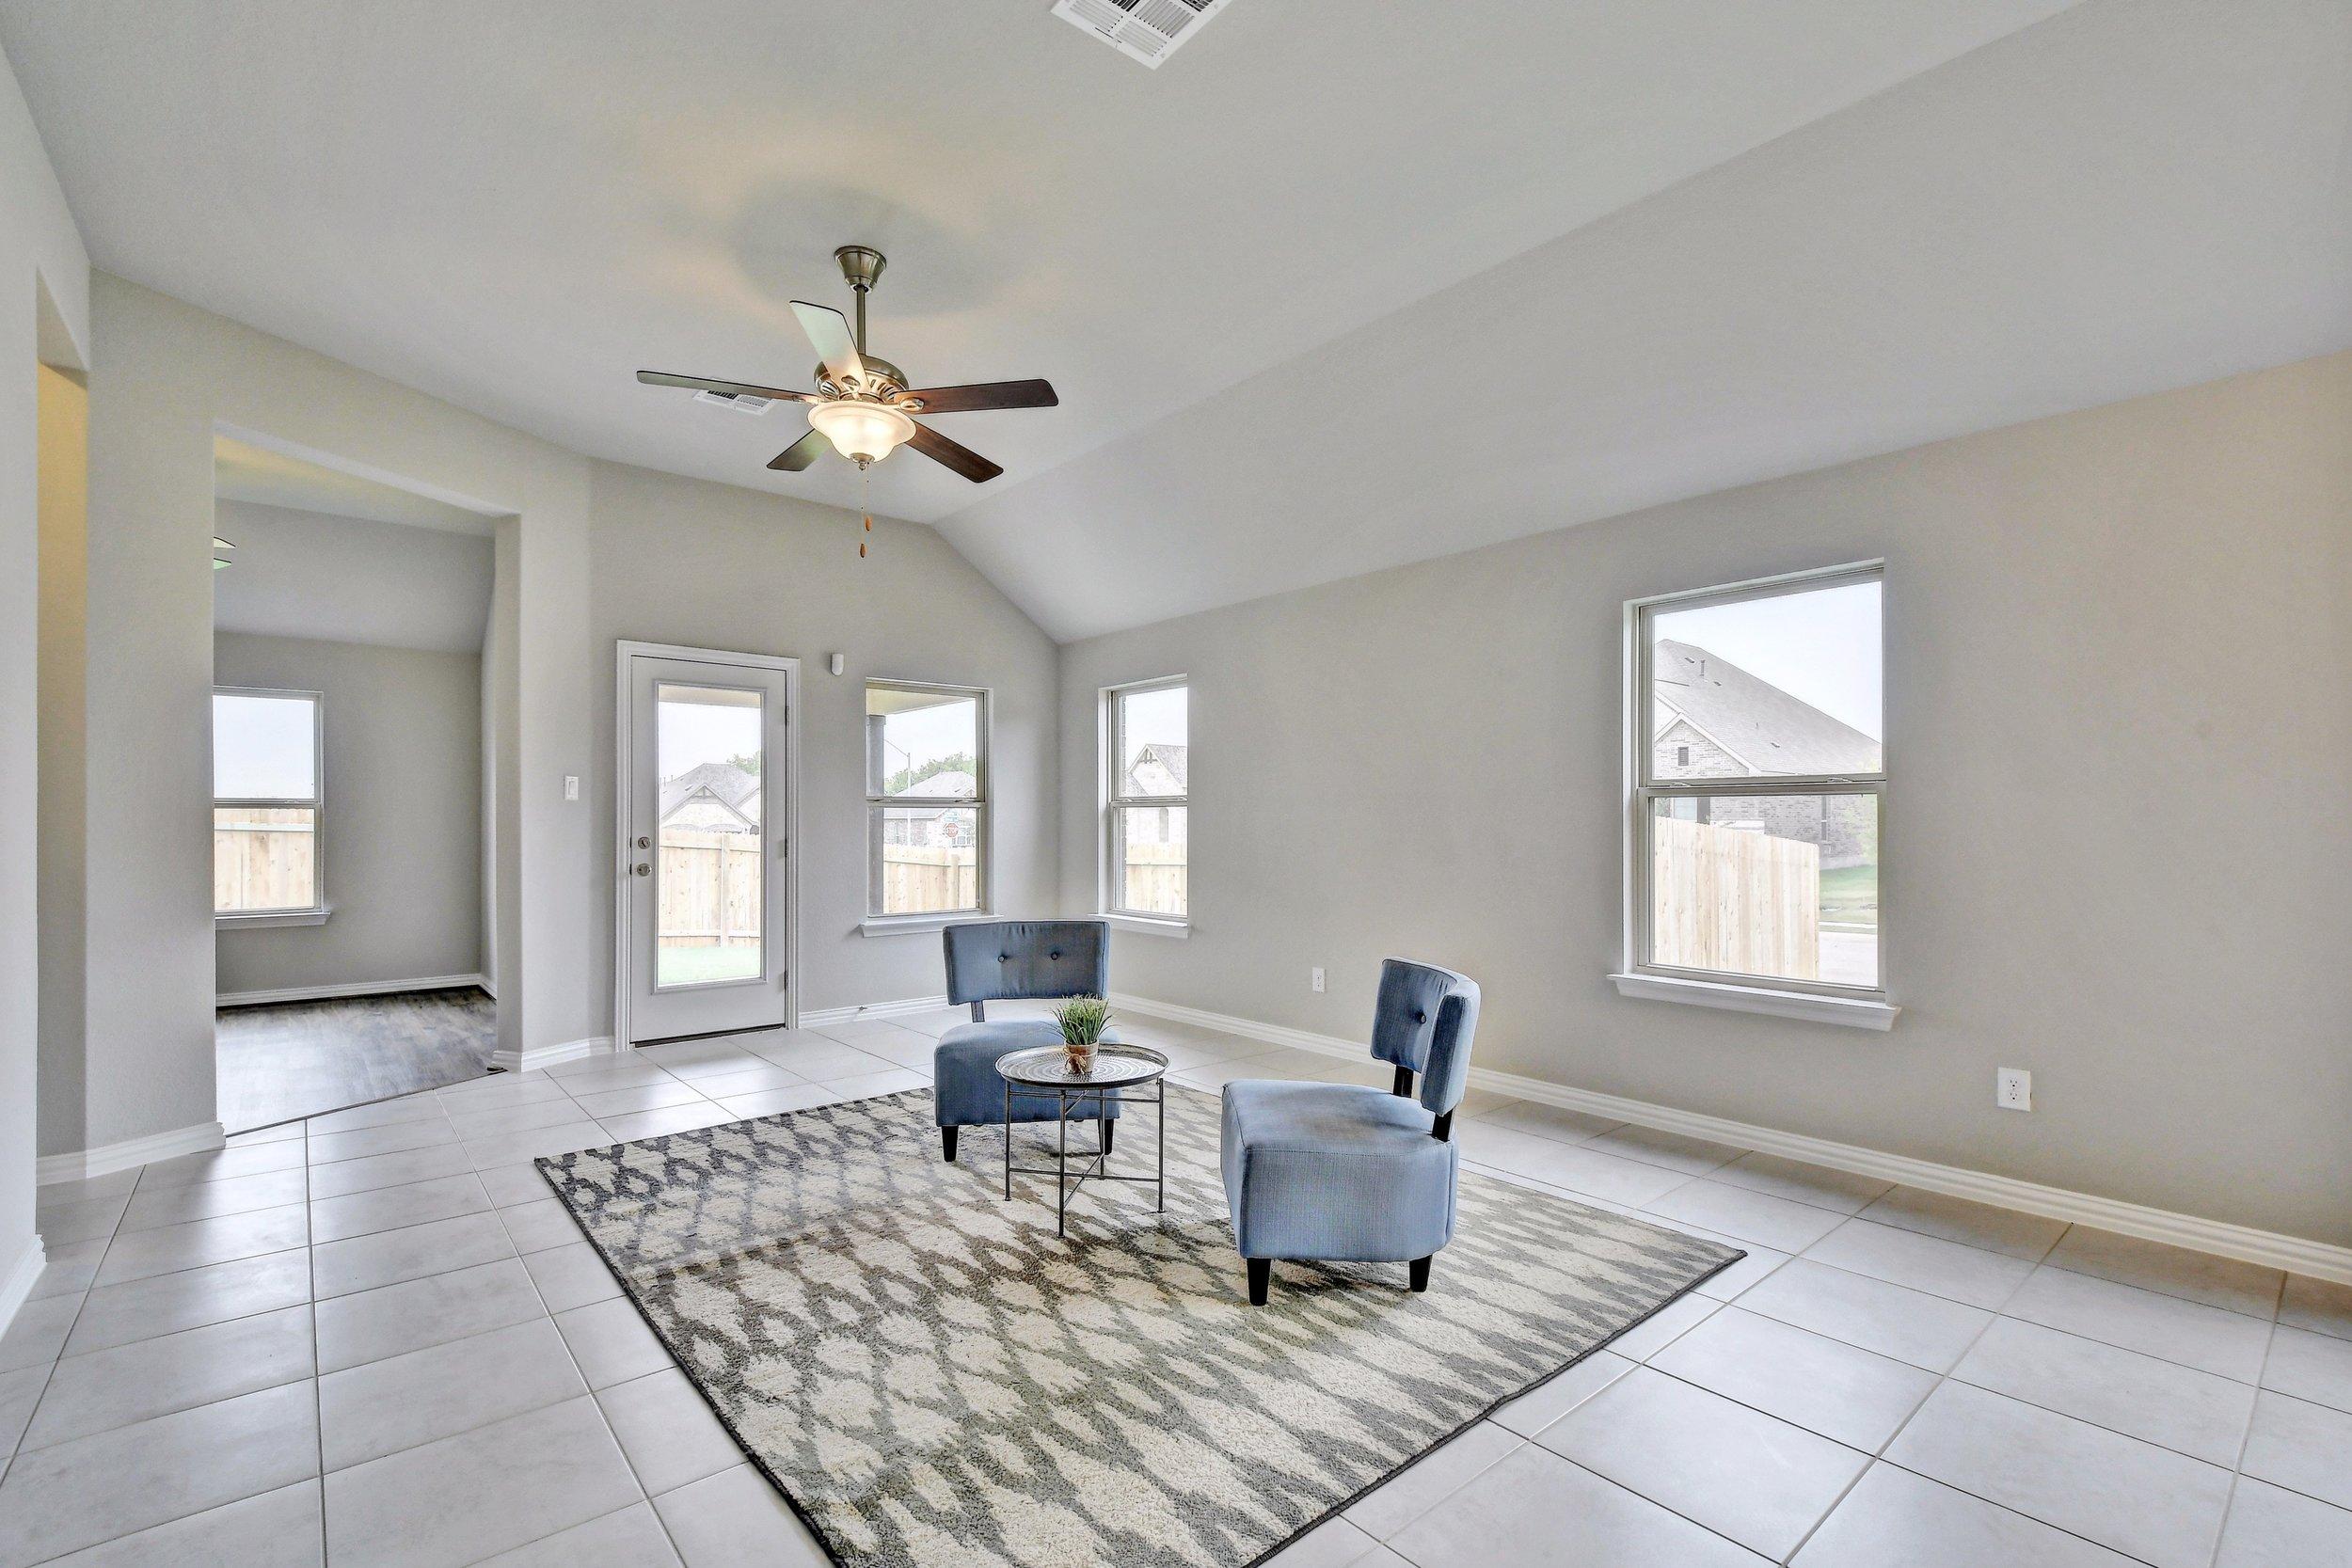 Nice open floor plan with a flex room.